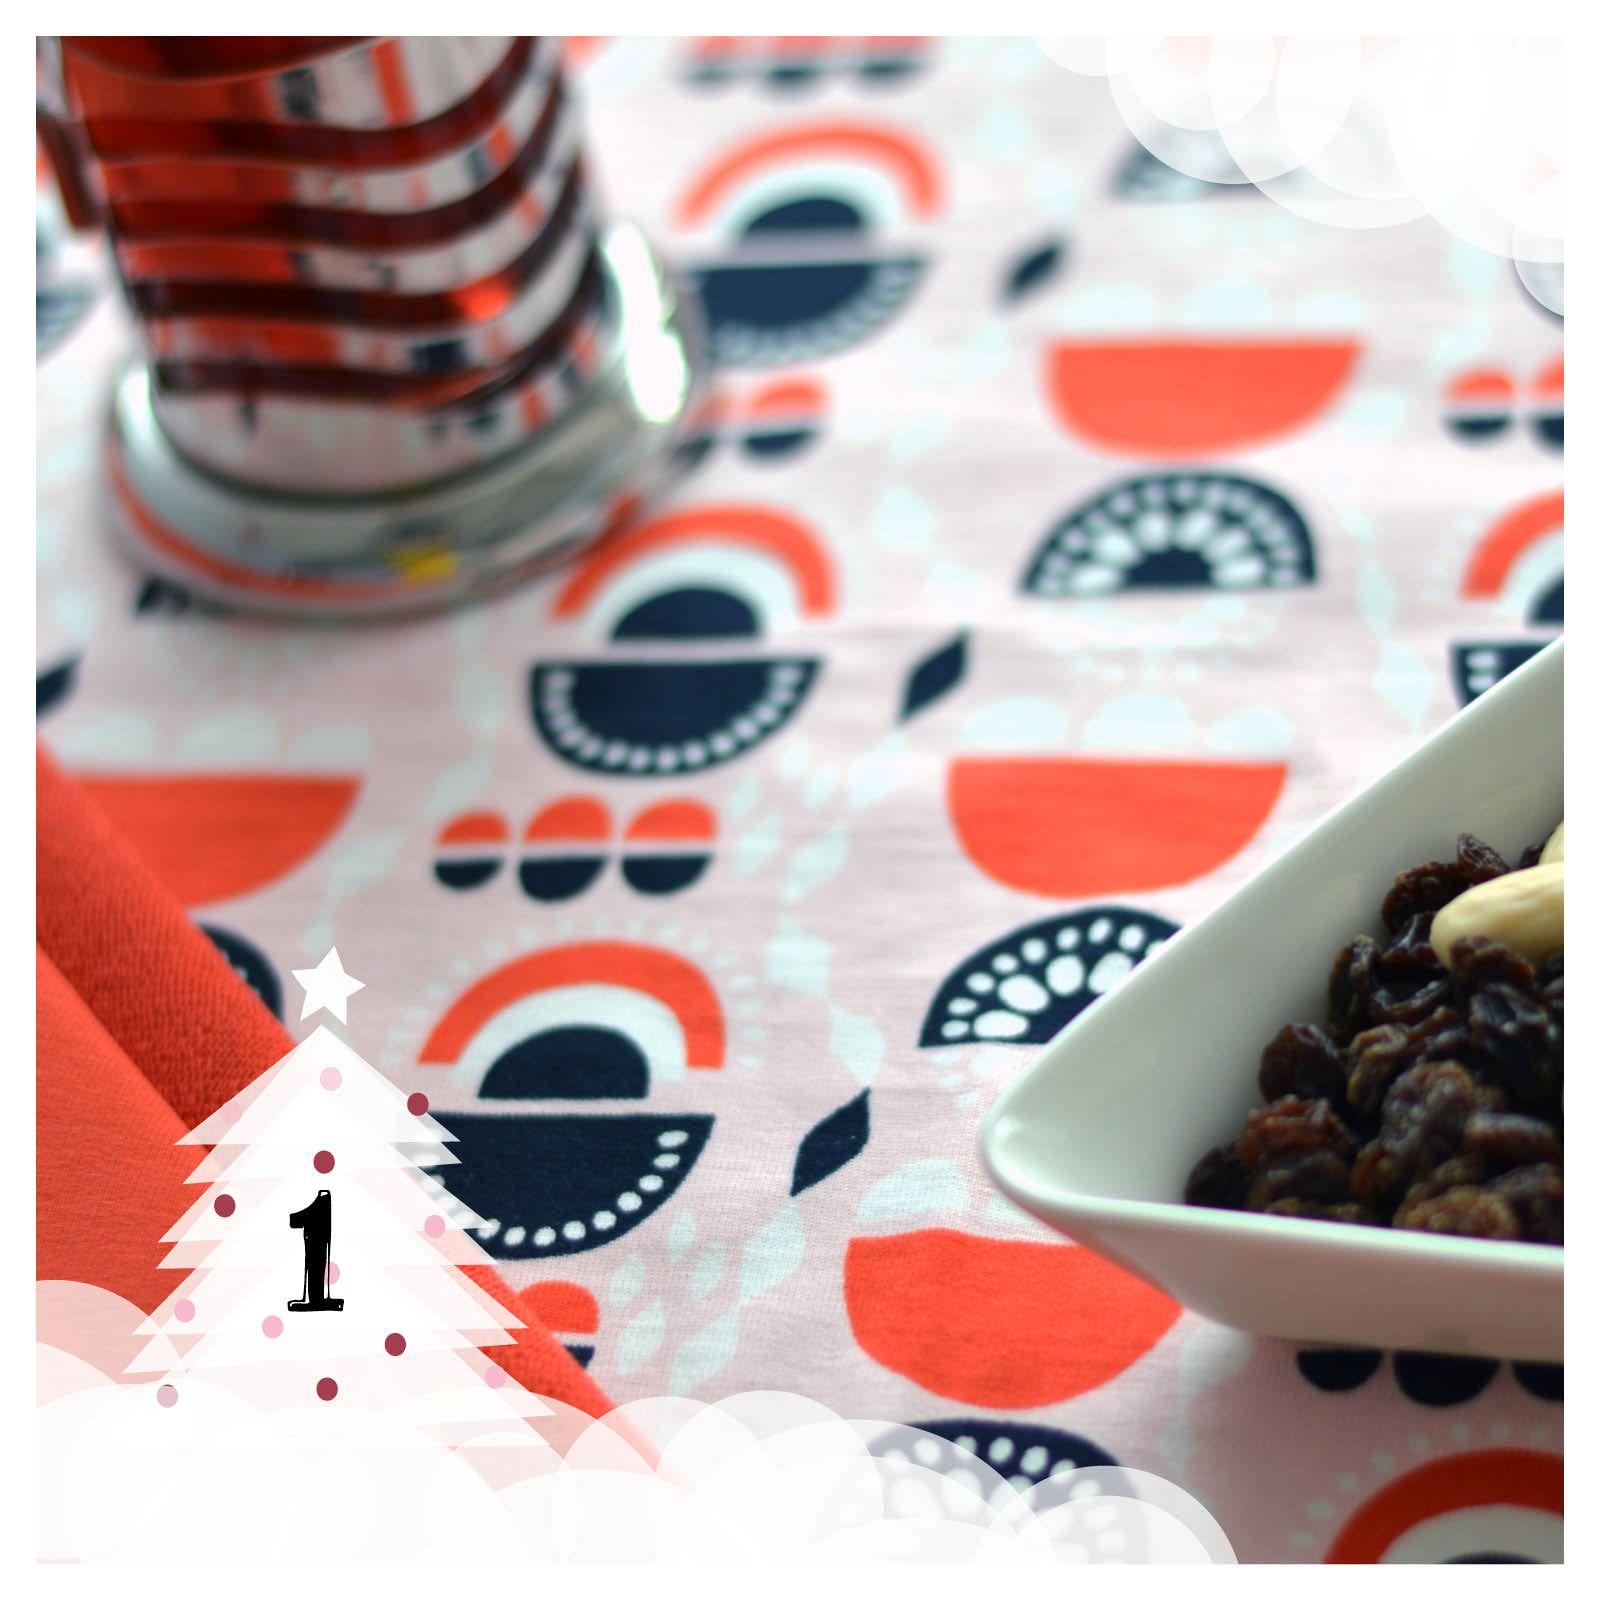 NOSH.FI - Iloista Joulua! -sivulla joulukuussa päivittäin tarjouksia niin kauan kuin tuotteita riittää: 1.12. Kankaiden Jouluale http://nosh.fi/category/659/  NOSH Fabric Winter Sale starts today!